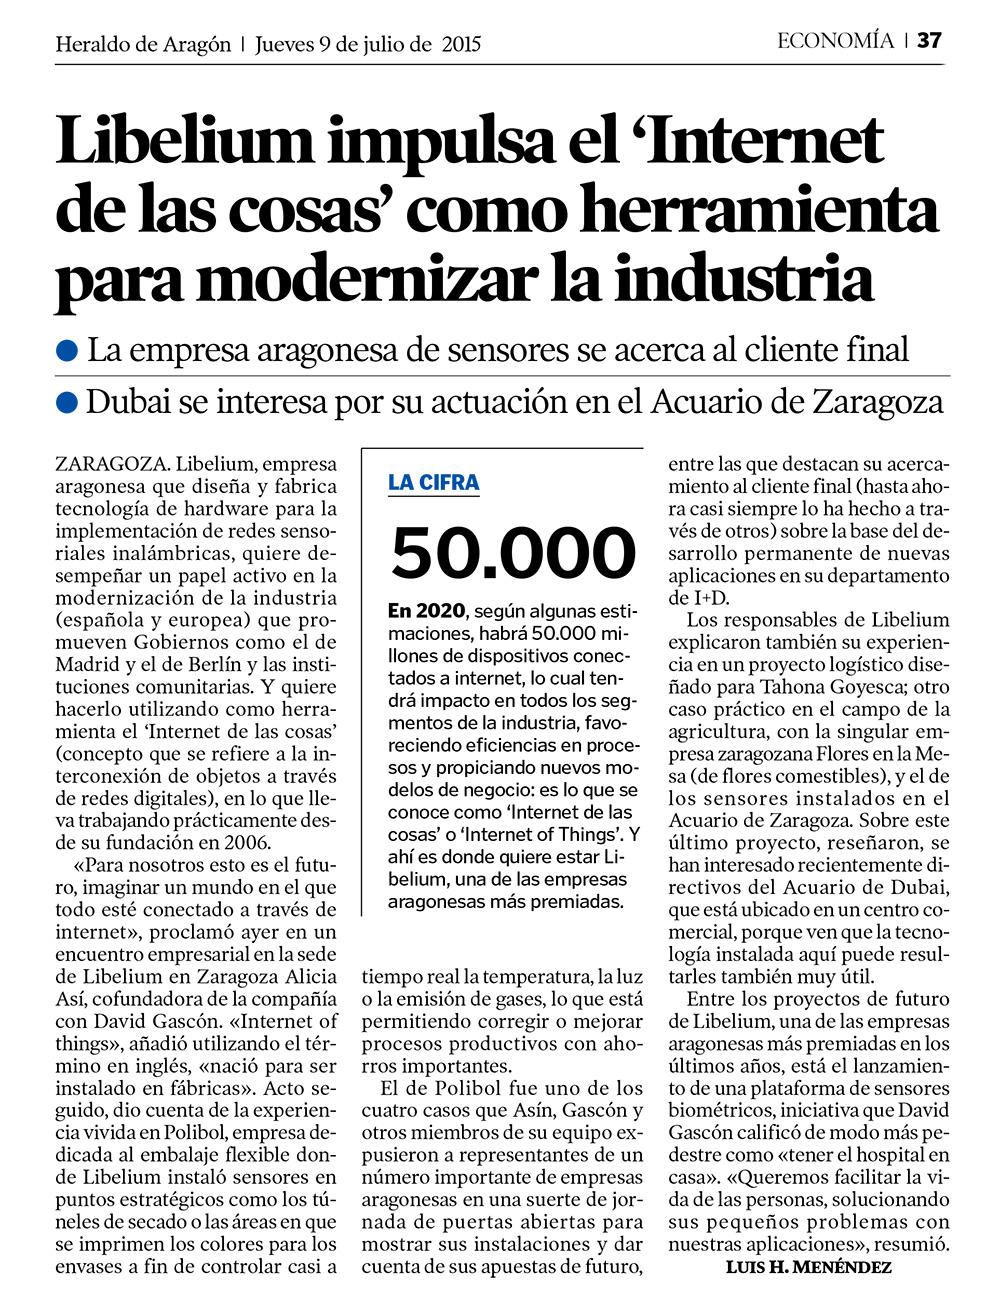 Heraldo de Aragón - Libelium impulsa el 'Internet de las cosas'